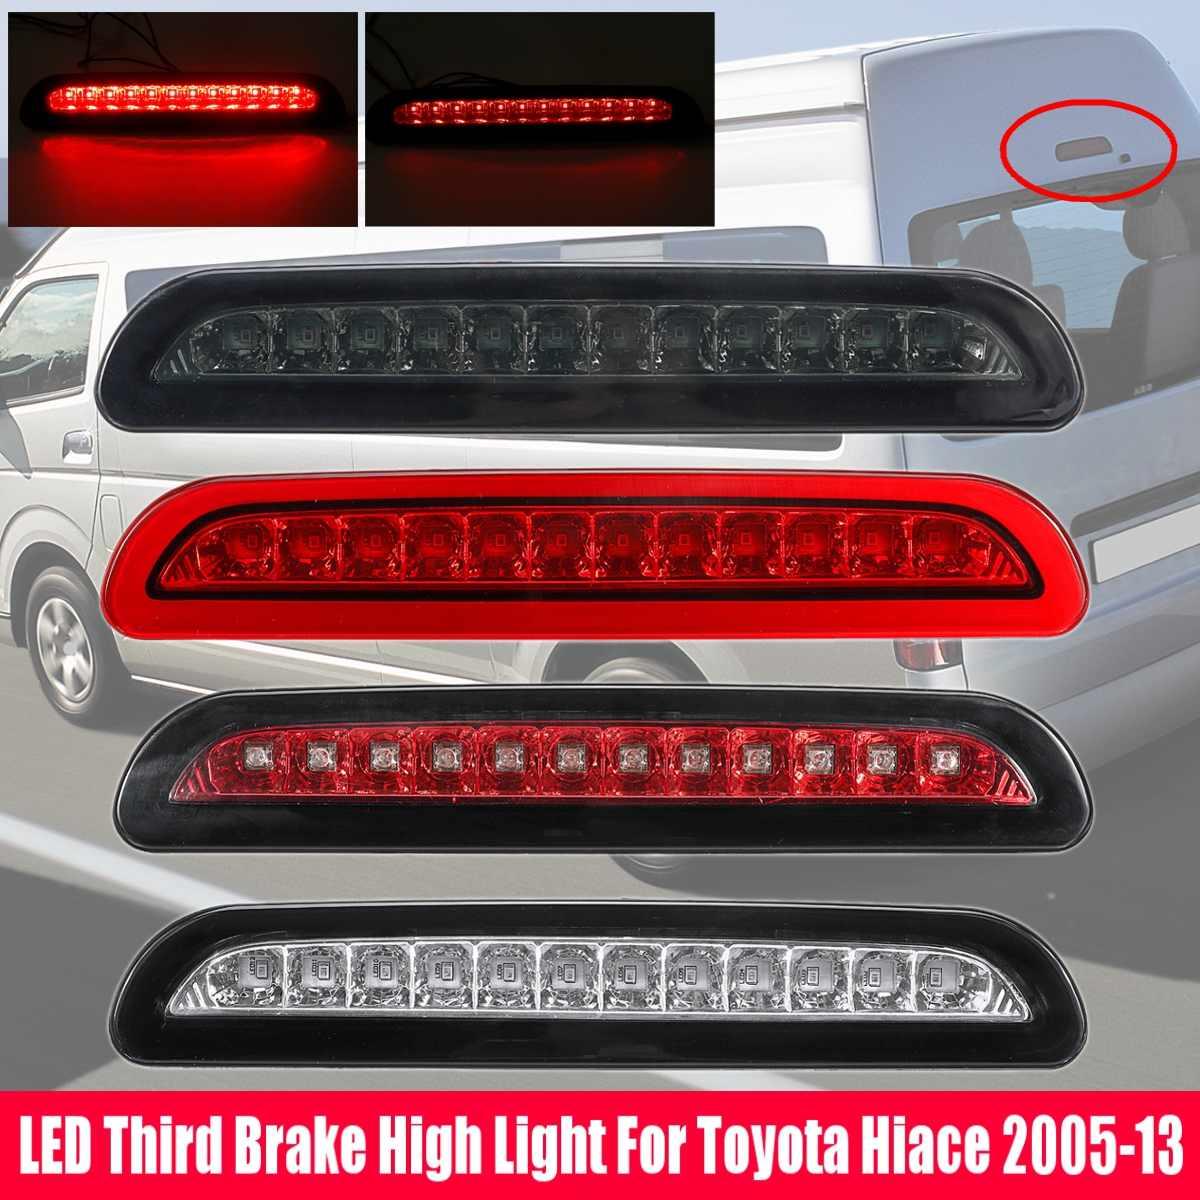 1Pcs REAR LED TAIL LIGHTS ADDUTUIBAK BRAKE PARKING LIGHTS FIT FOR TOYOTA HIACE 200 2005-2016 CAR1Pcs REAR LED TAIL LIGHTS ADDUTUIBAK BRAKE PARKING LIGHTS FIT FOR TOYOTA HIACE 200 2005-2016 CAR